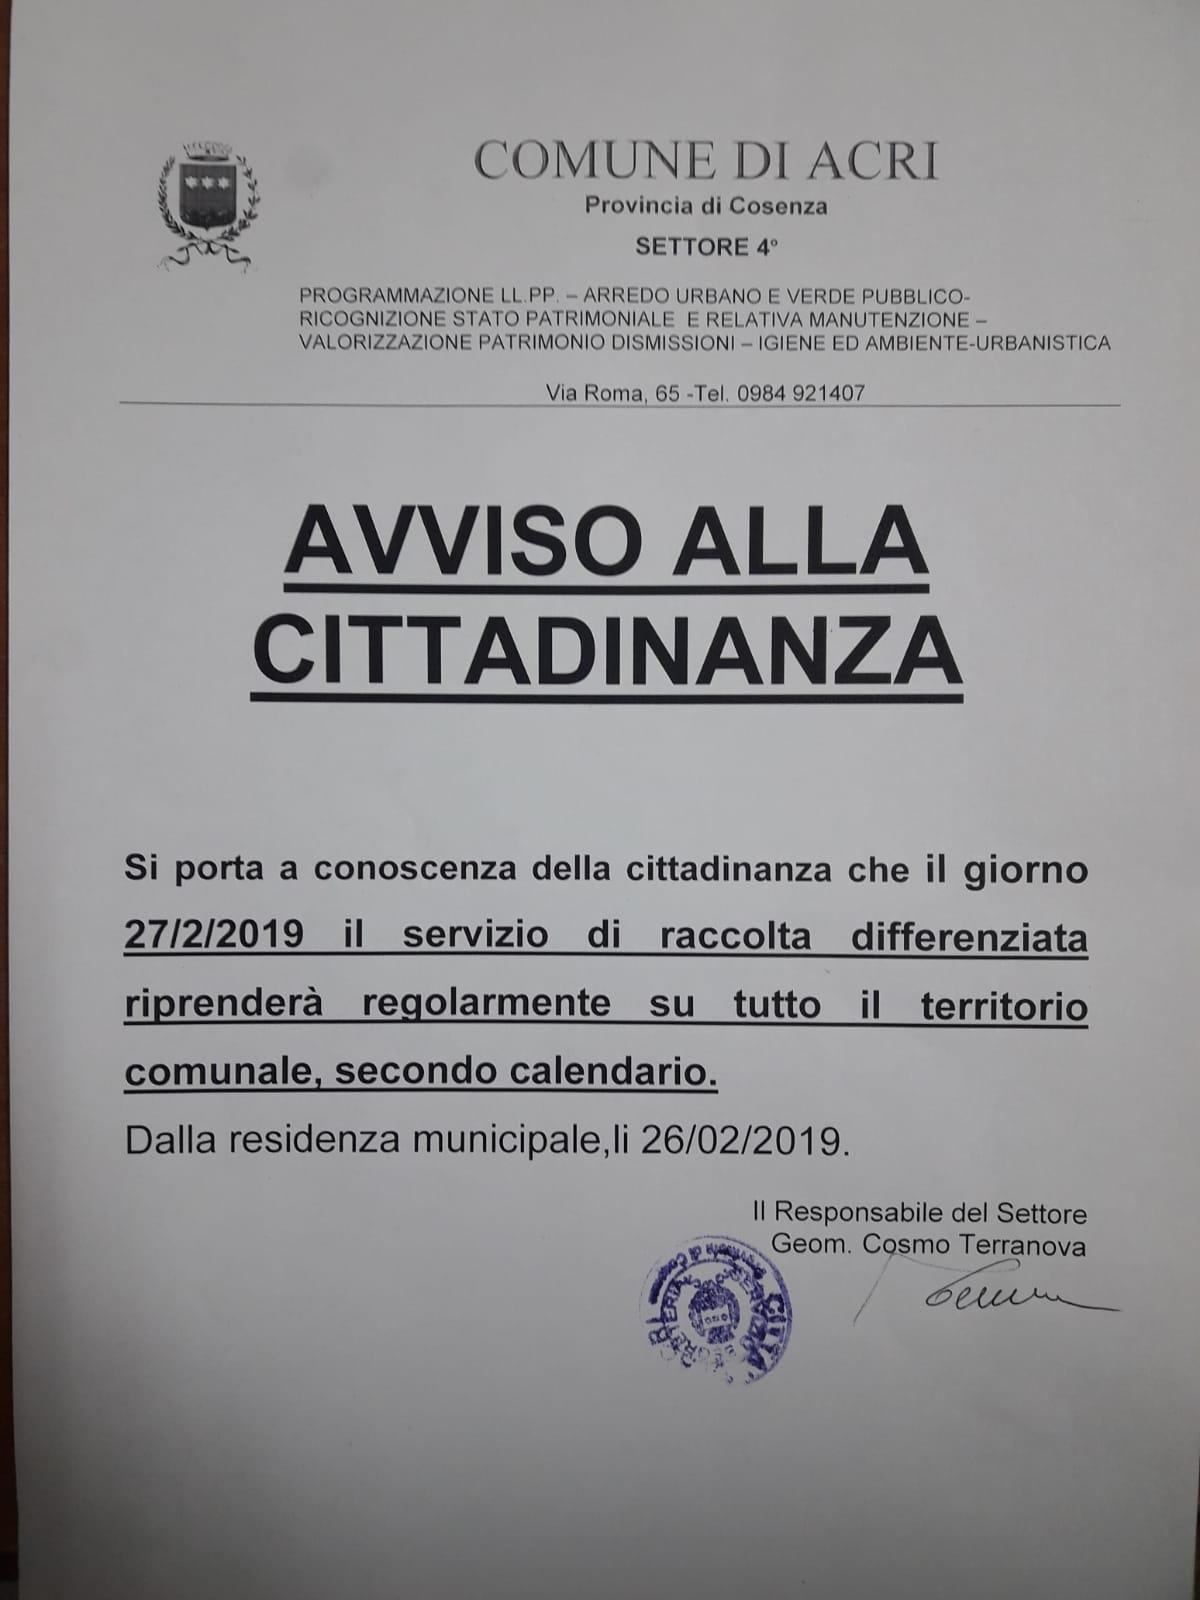 Raccolta Differenziata Cosenza Calendario 2019.Da Domani Riprende La Raccolta Differenziata Acrinews It